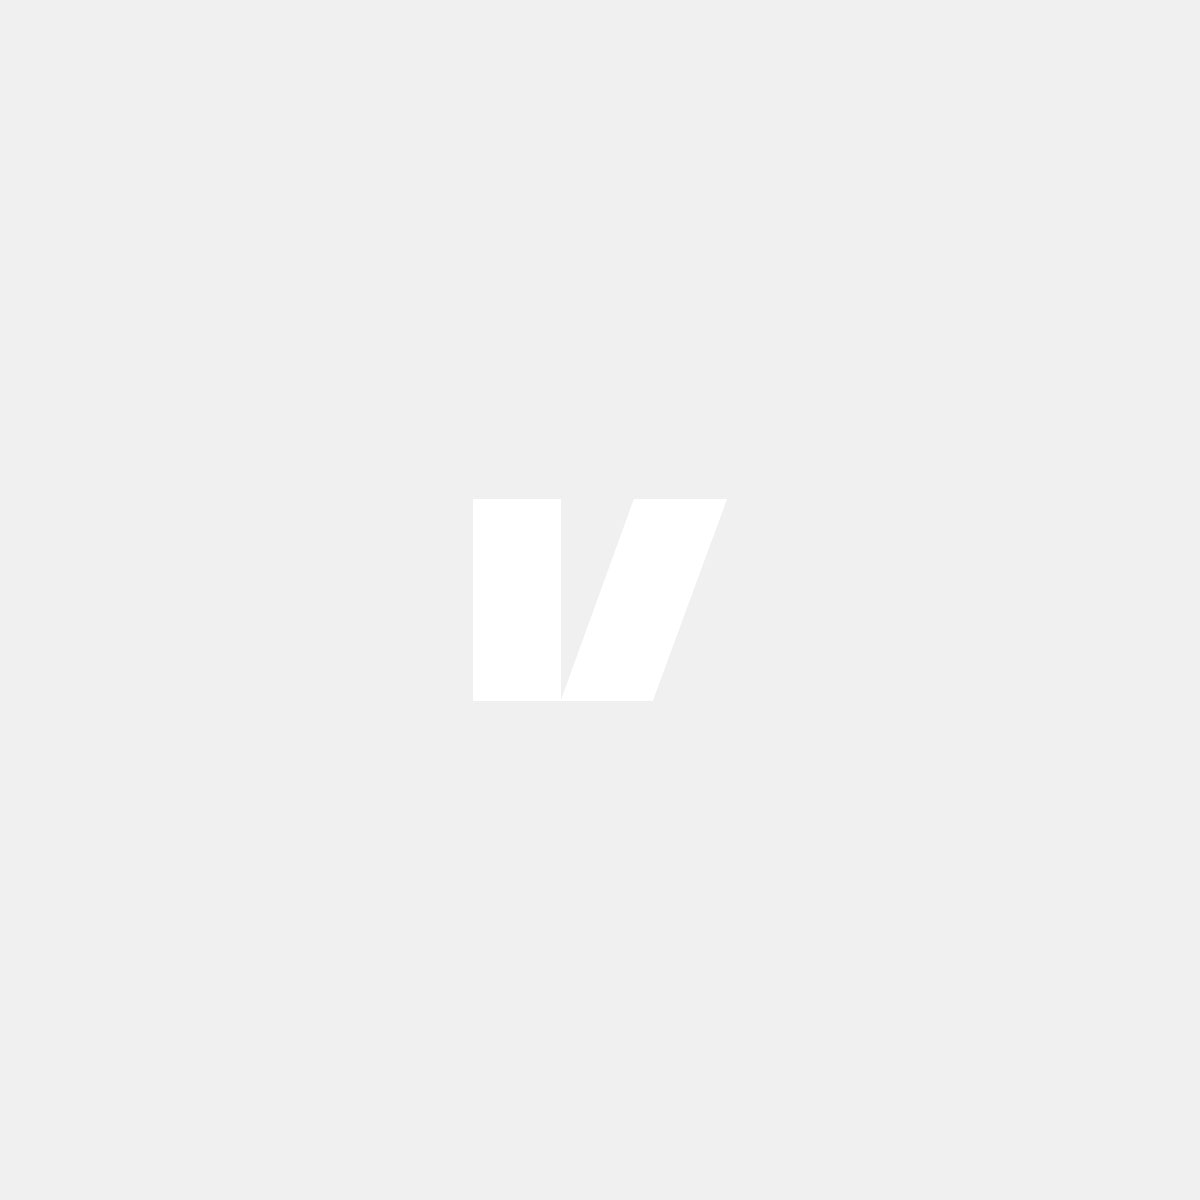 Kupefilter till Volvo S90, V90, V90CC, XC60, XC90  (Kolfilter)